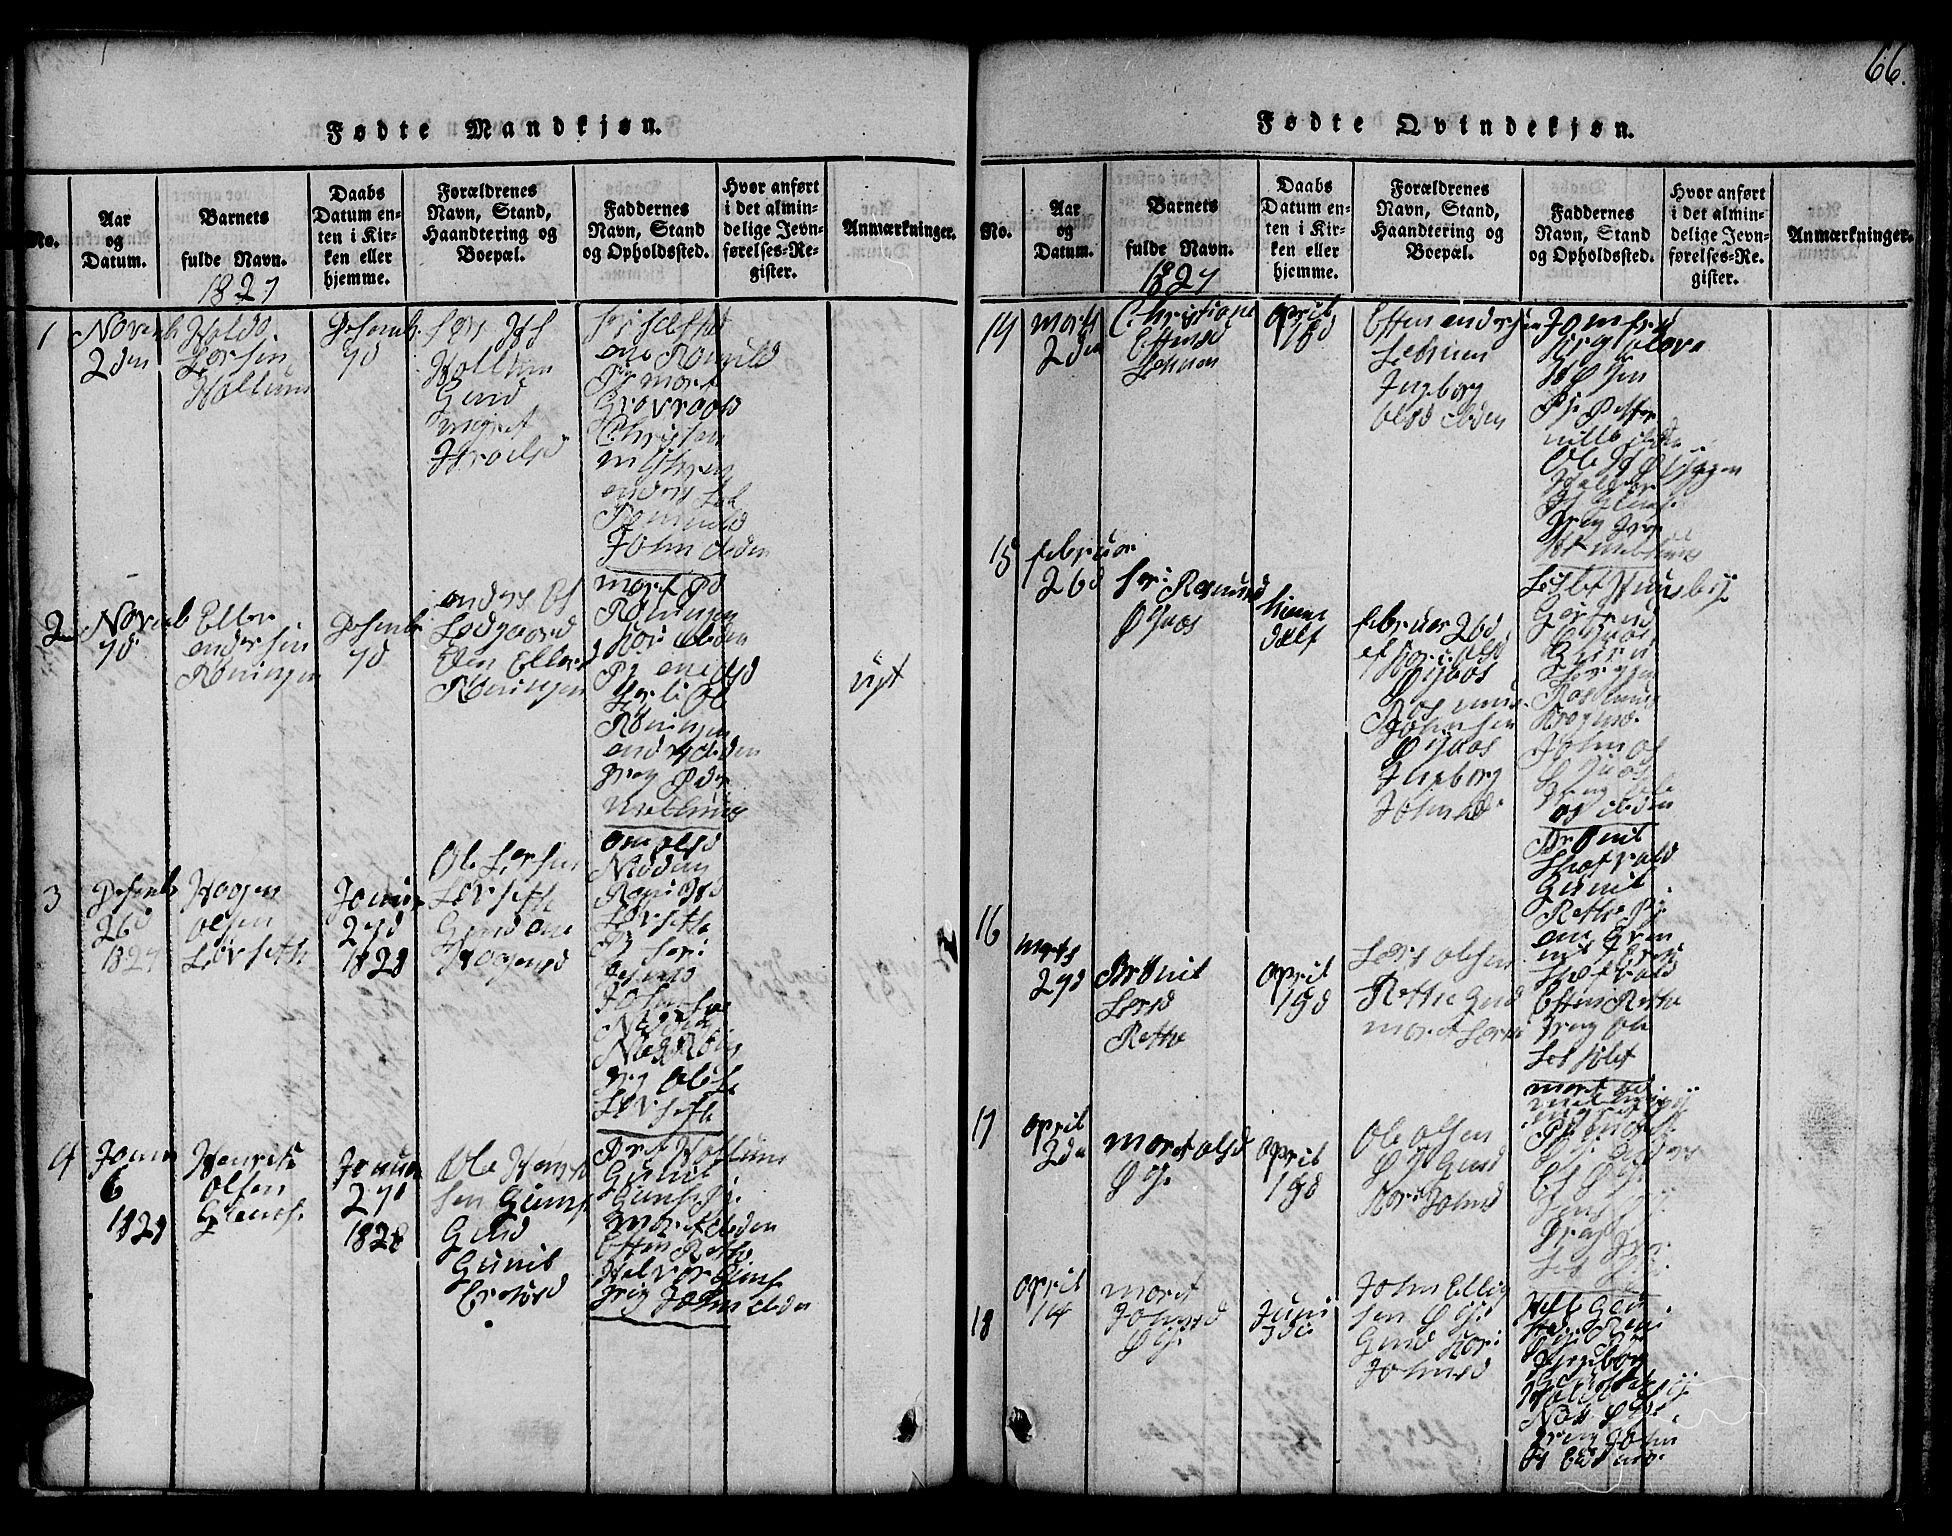 SAT, Ministerialprotokoller, klokkerbøker og fødselsregistre - Sør-Trøndelag, 691/L1092: Klokkerbok nr. 691C03, 1816-1852, s. 66